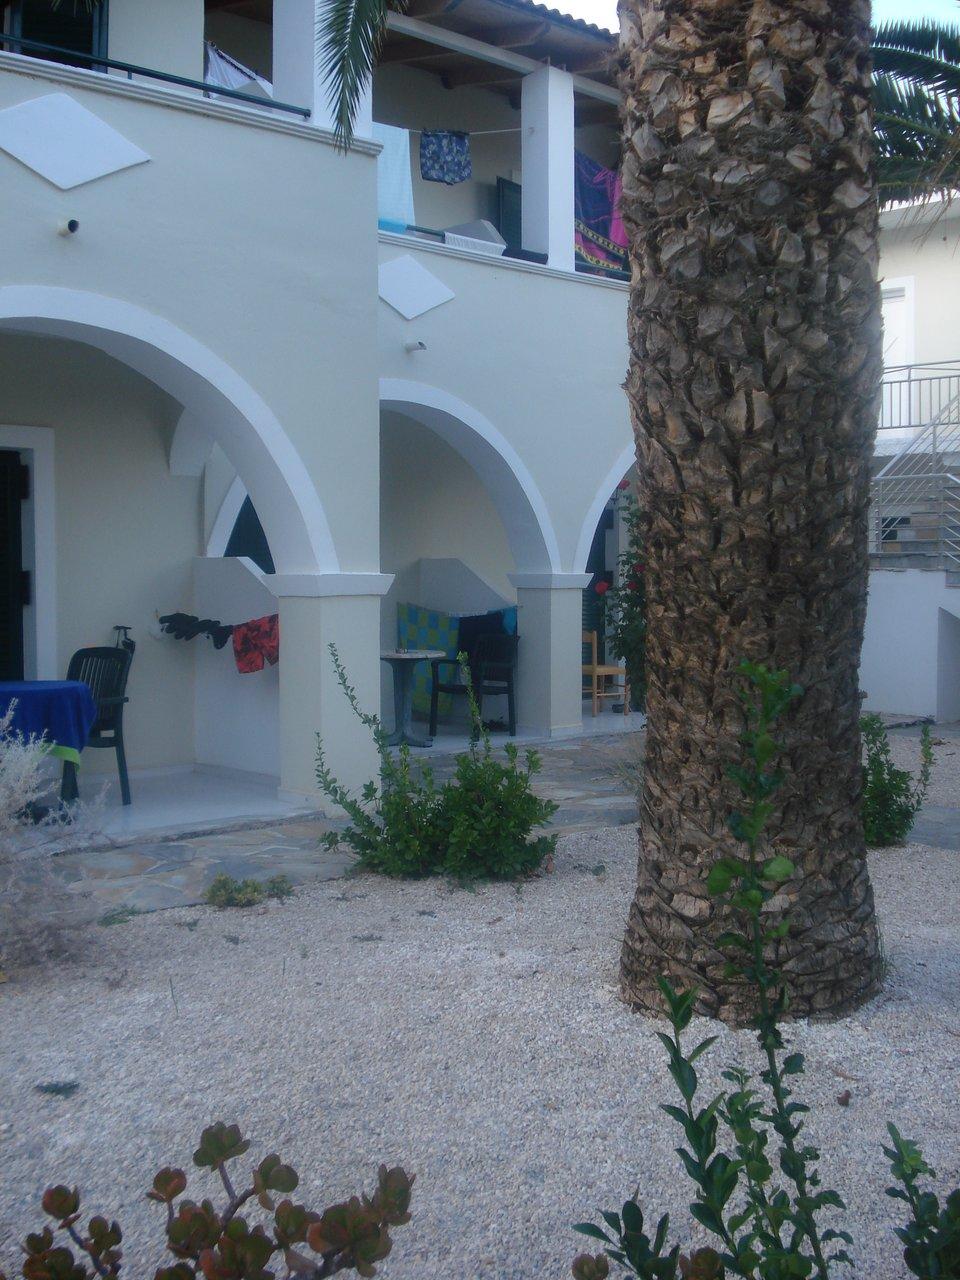 Paradise Apartments On The Beach Inn Reviews Photos Alykes Greece Tripadvisor